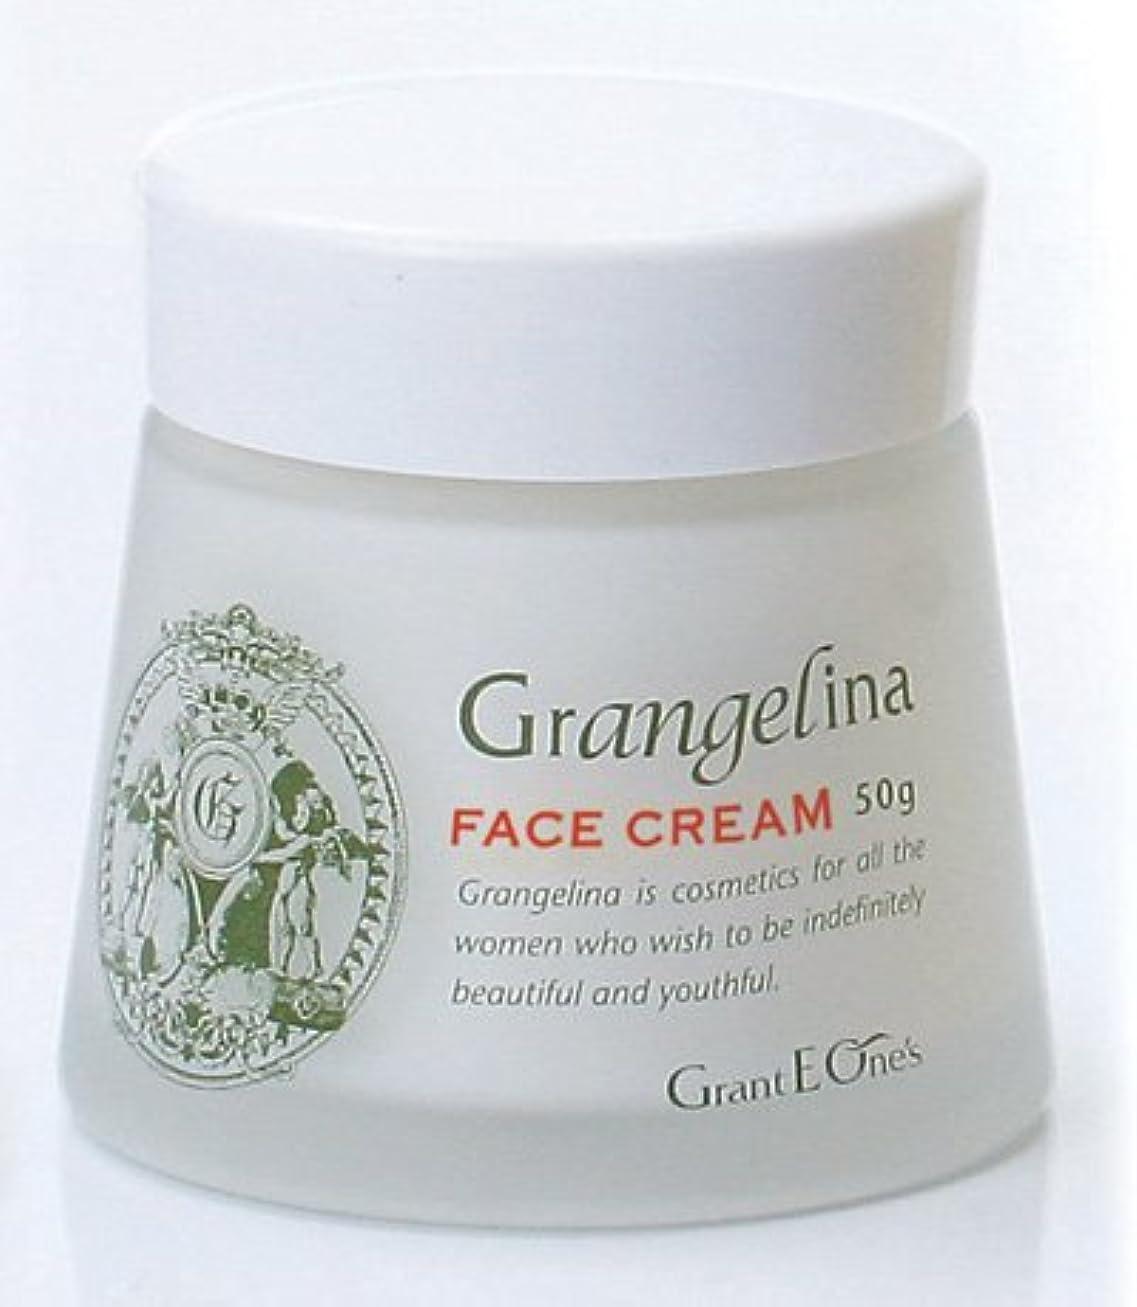 説得力のある直接食堂Grangelina グランジェリーナ フェイスパック(保湿クリーム)50g